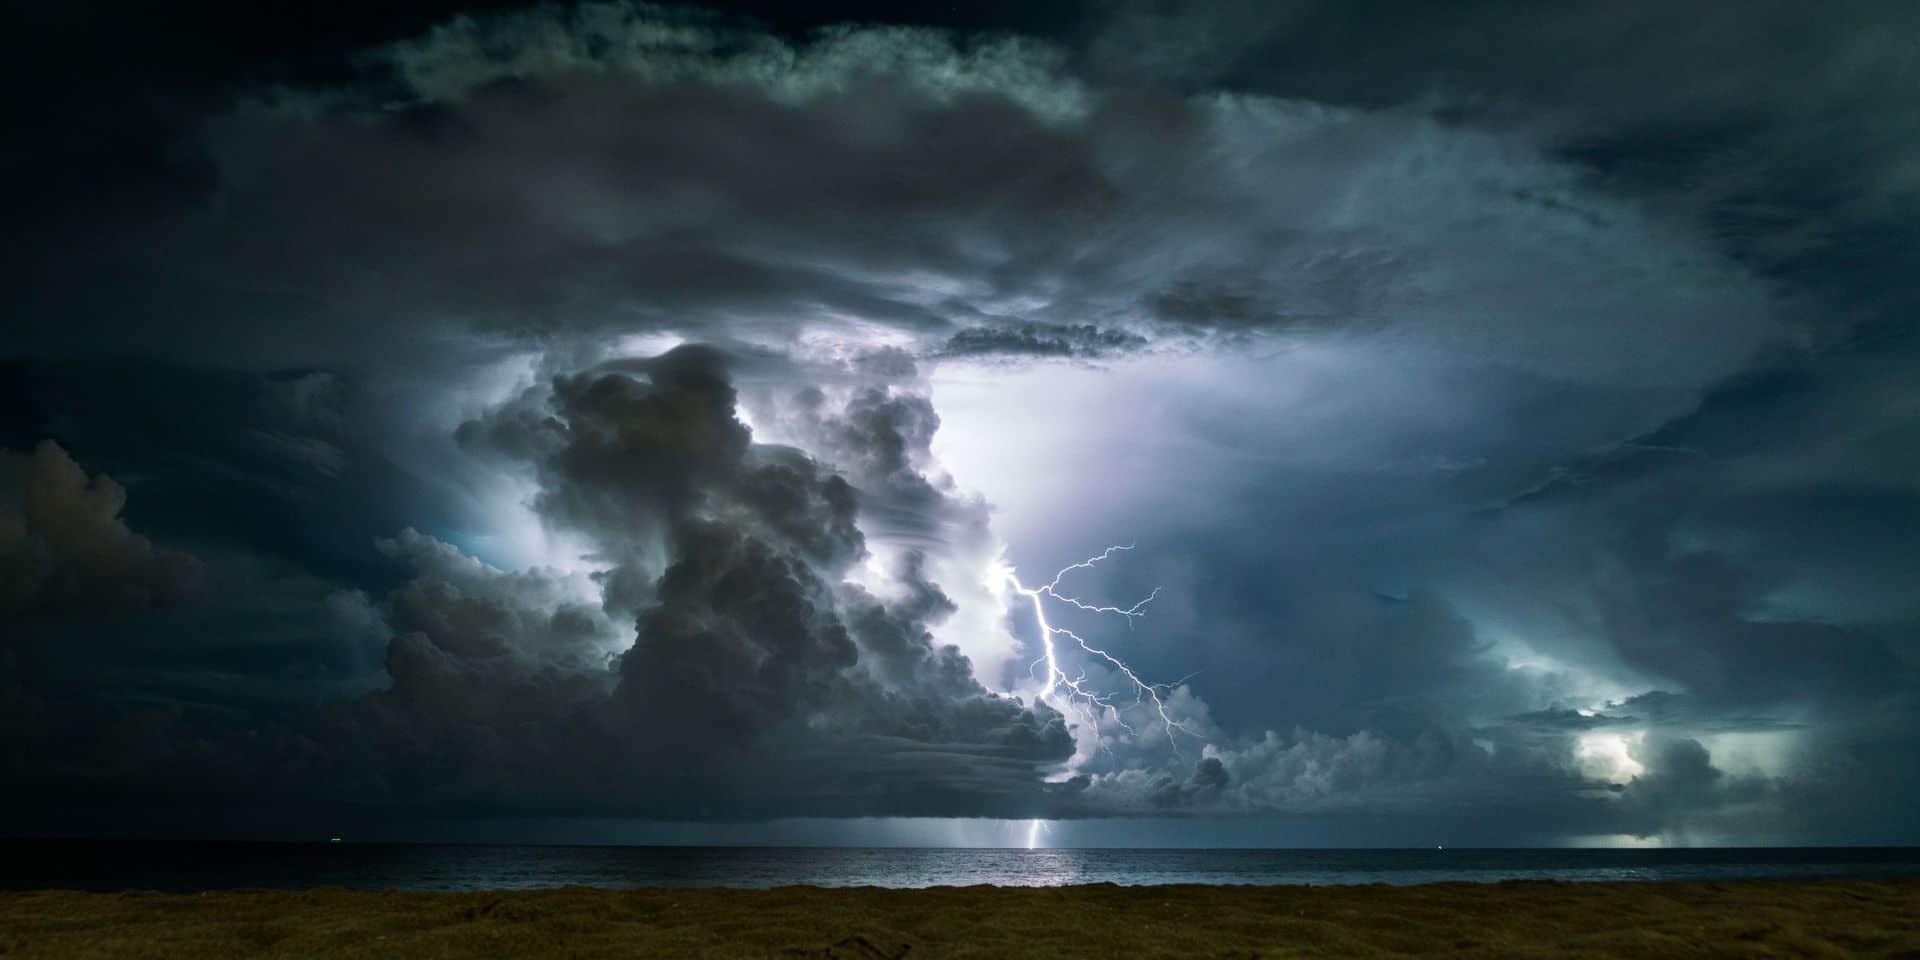 Météo: jusqu'à 32° ce vendredi, des orages à prévoir avant le retour de la pluie